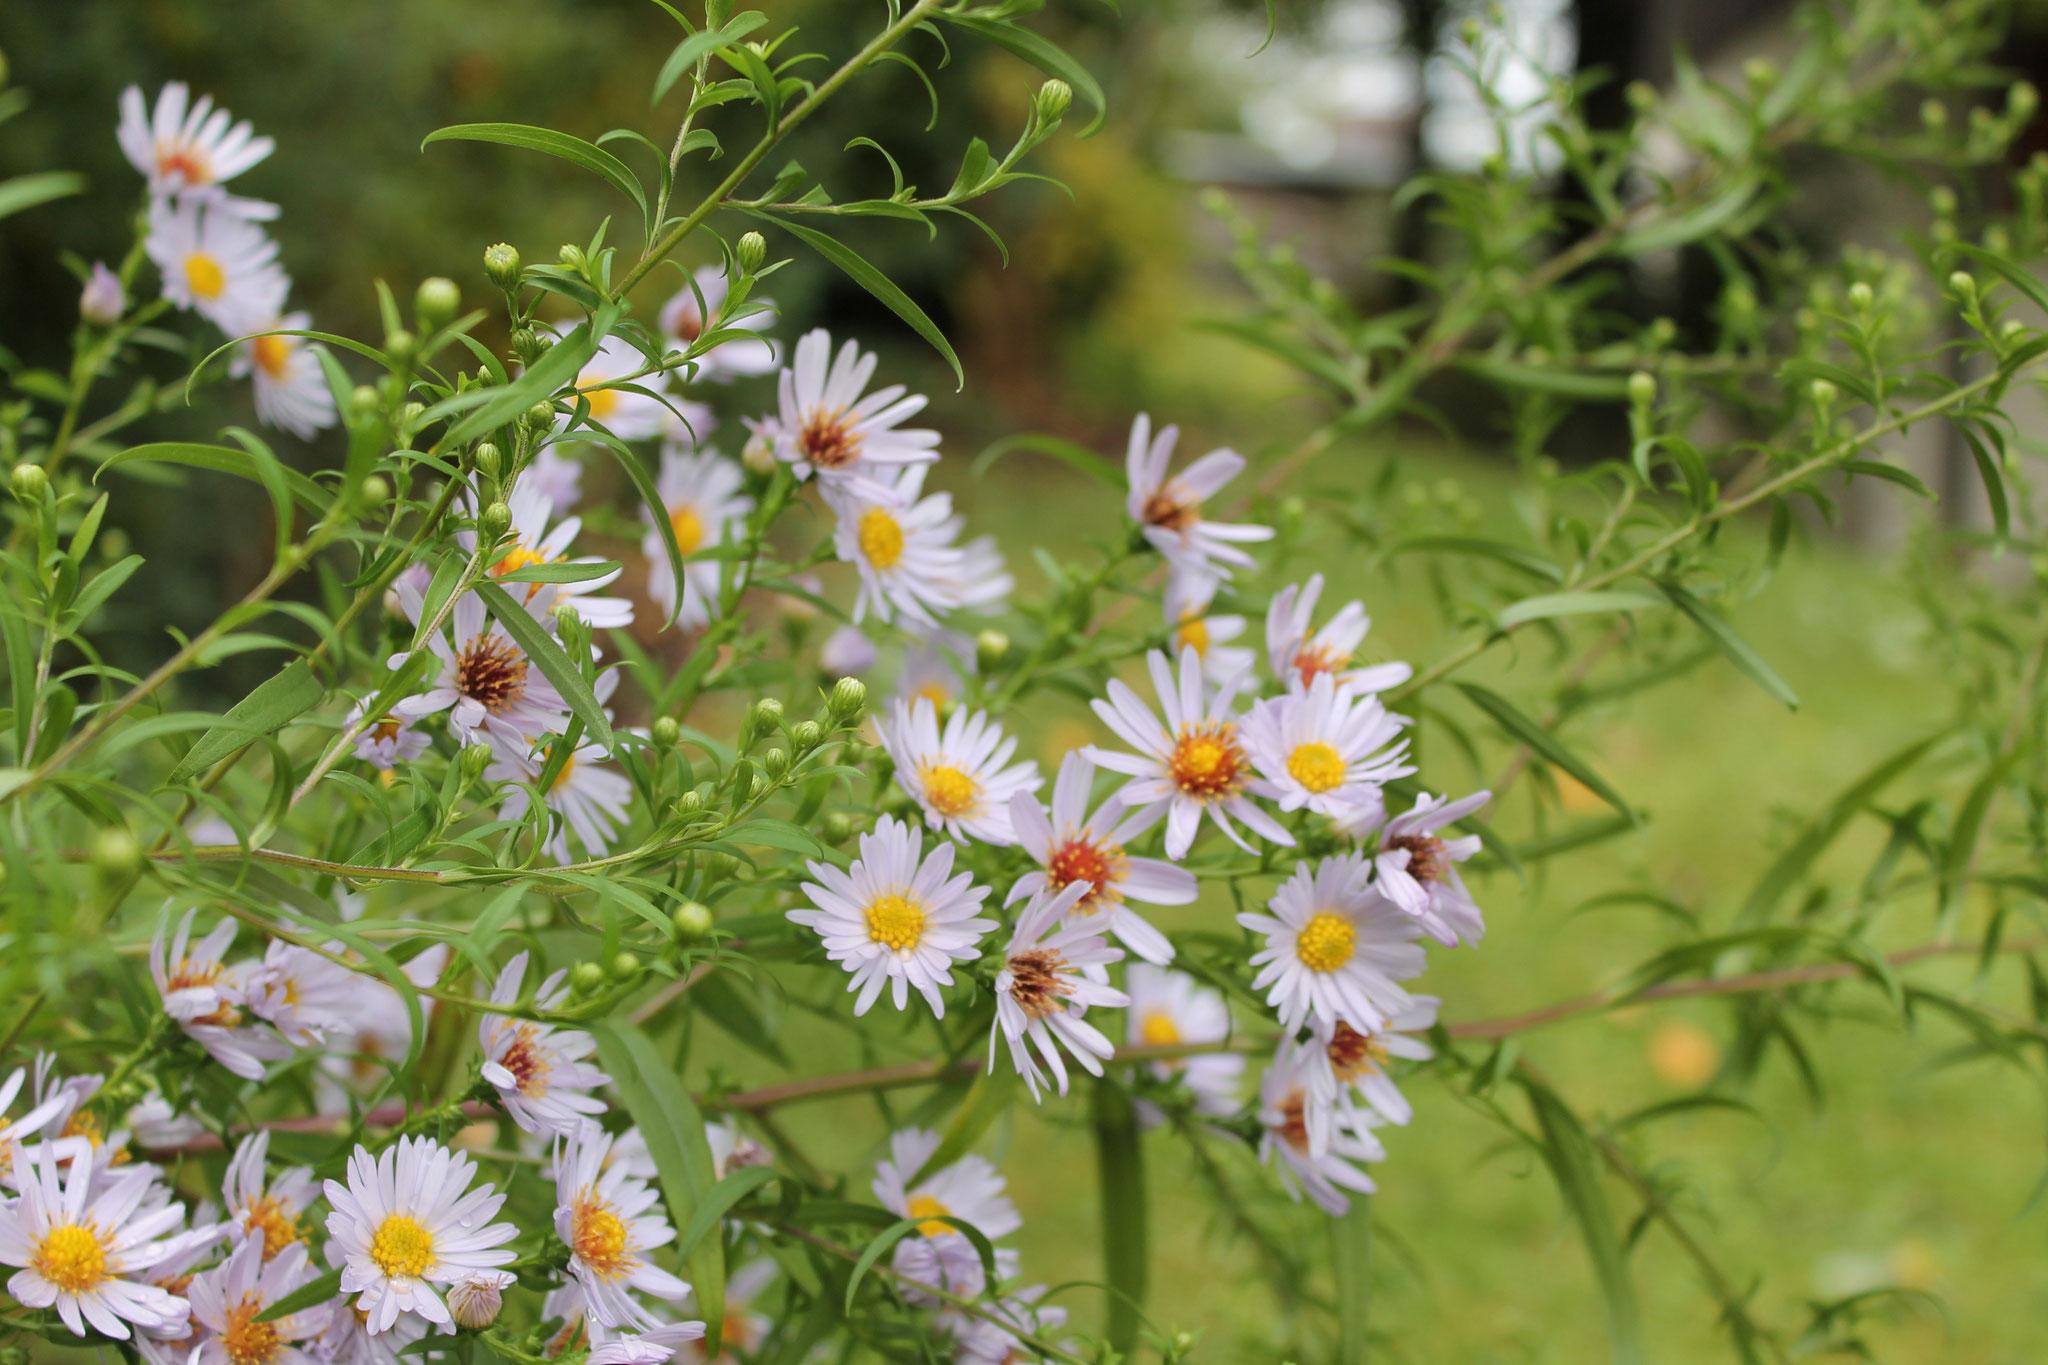 Sommer in unserem Garten